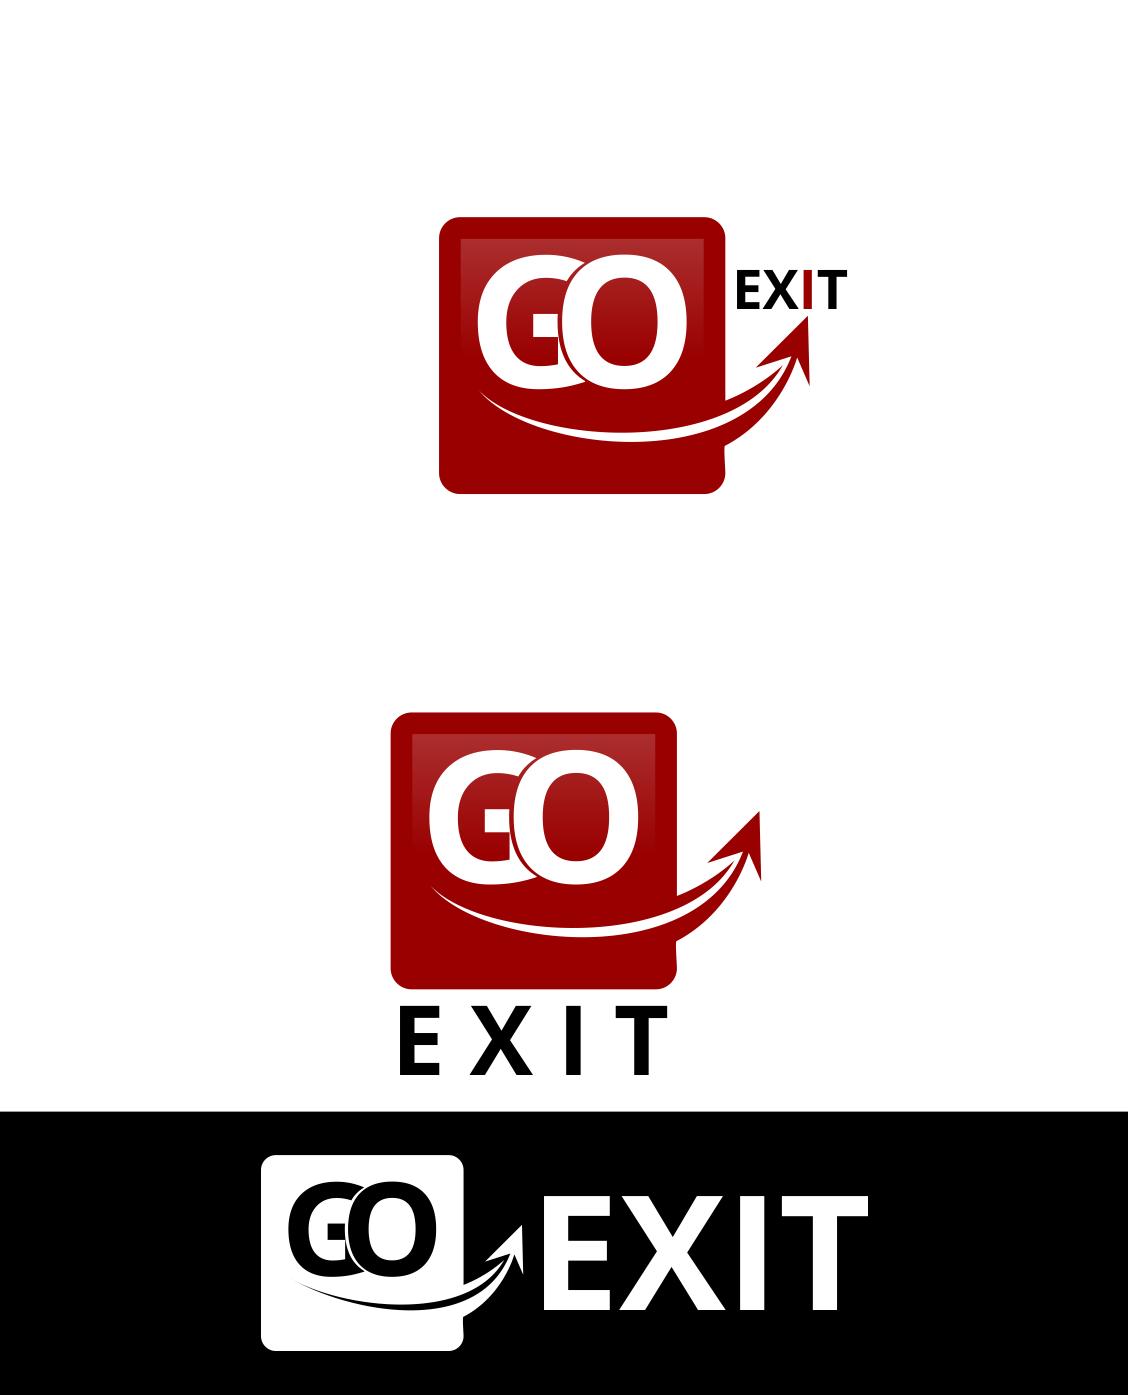 Logo Design by Agus Martoyo - Entry No. 182 in the Logo Design Contest GoExit Logo Design.